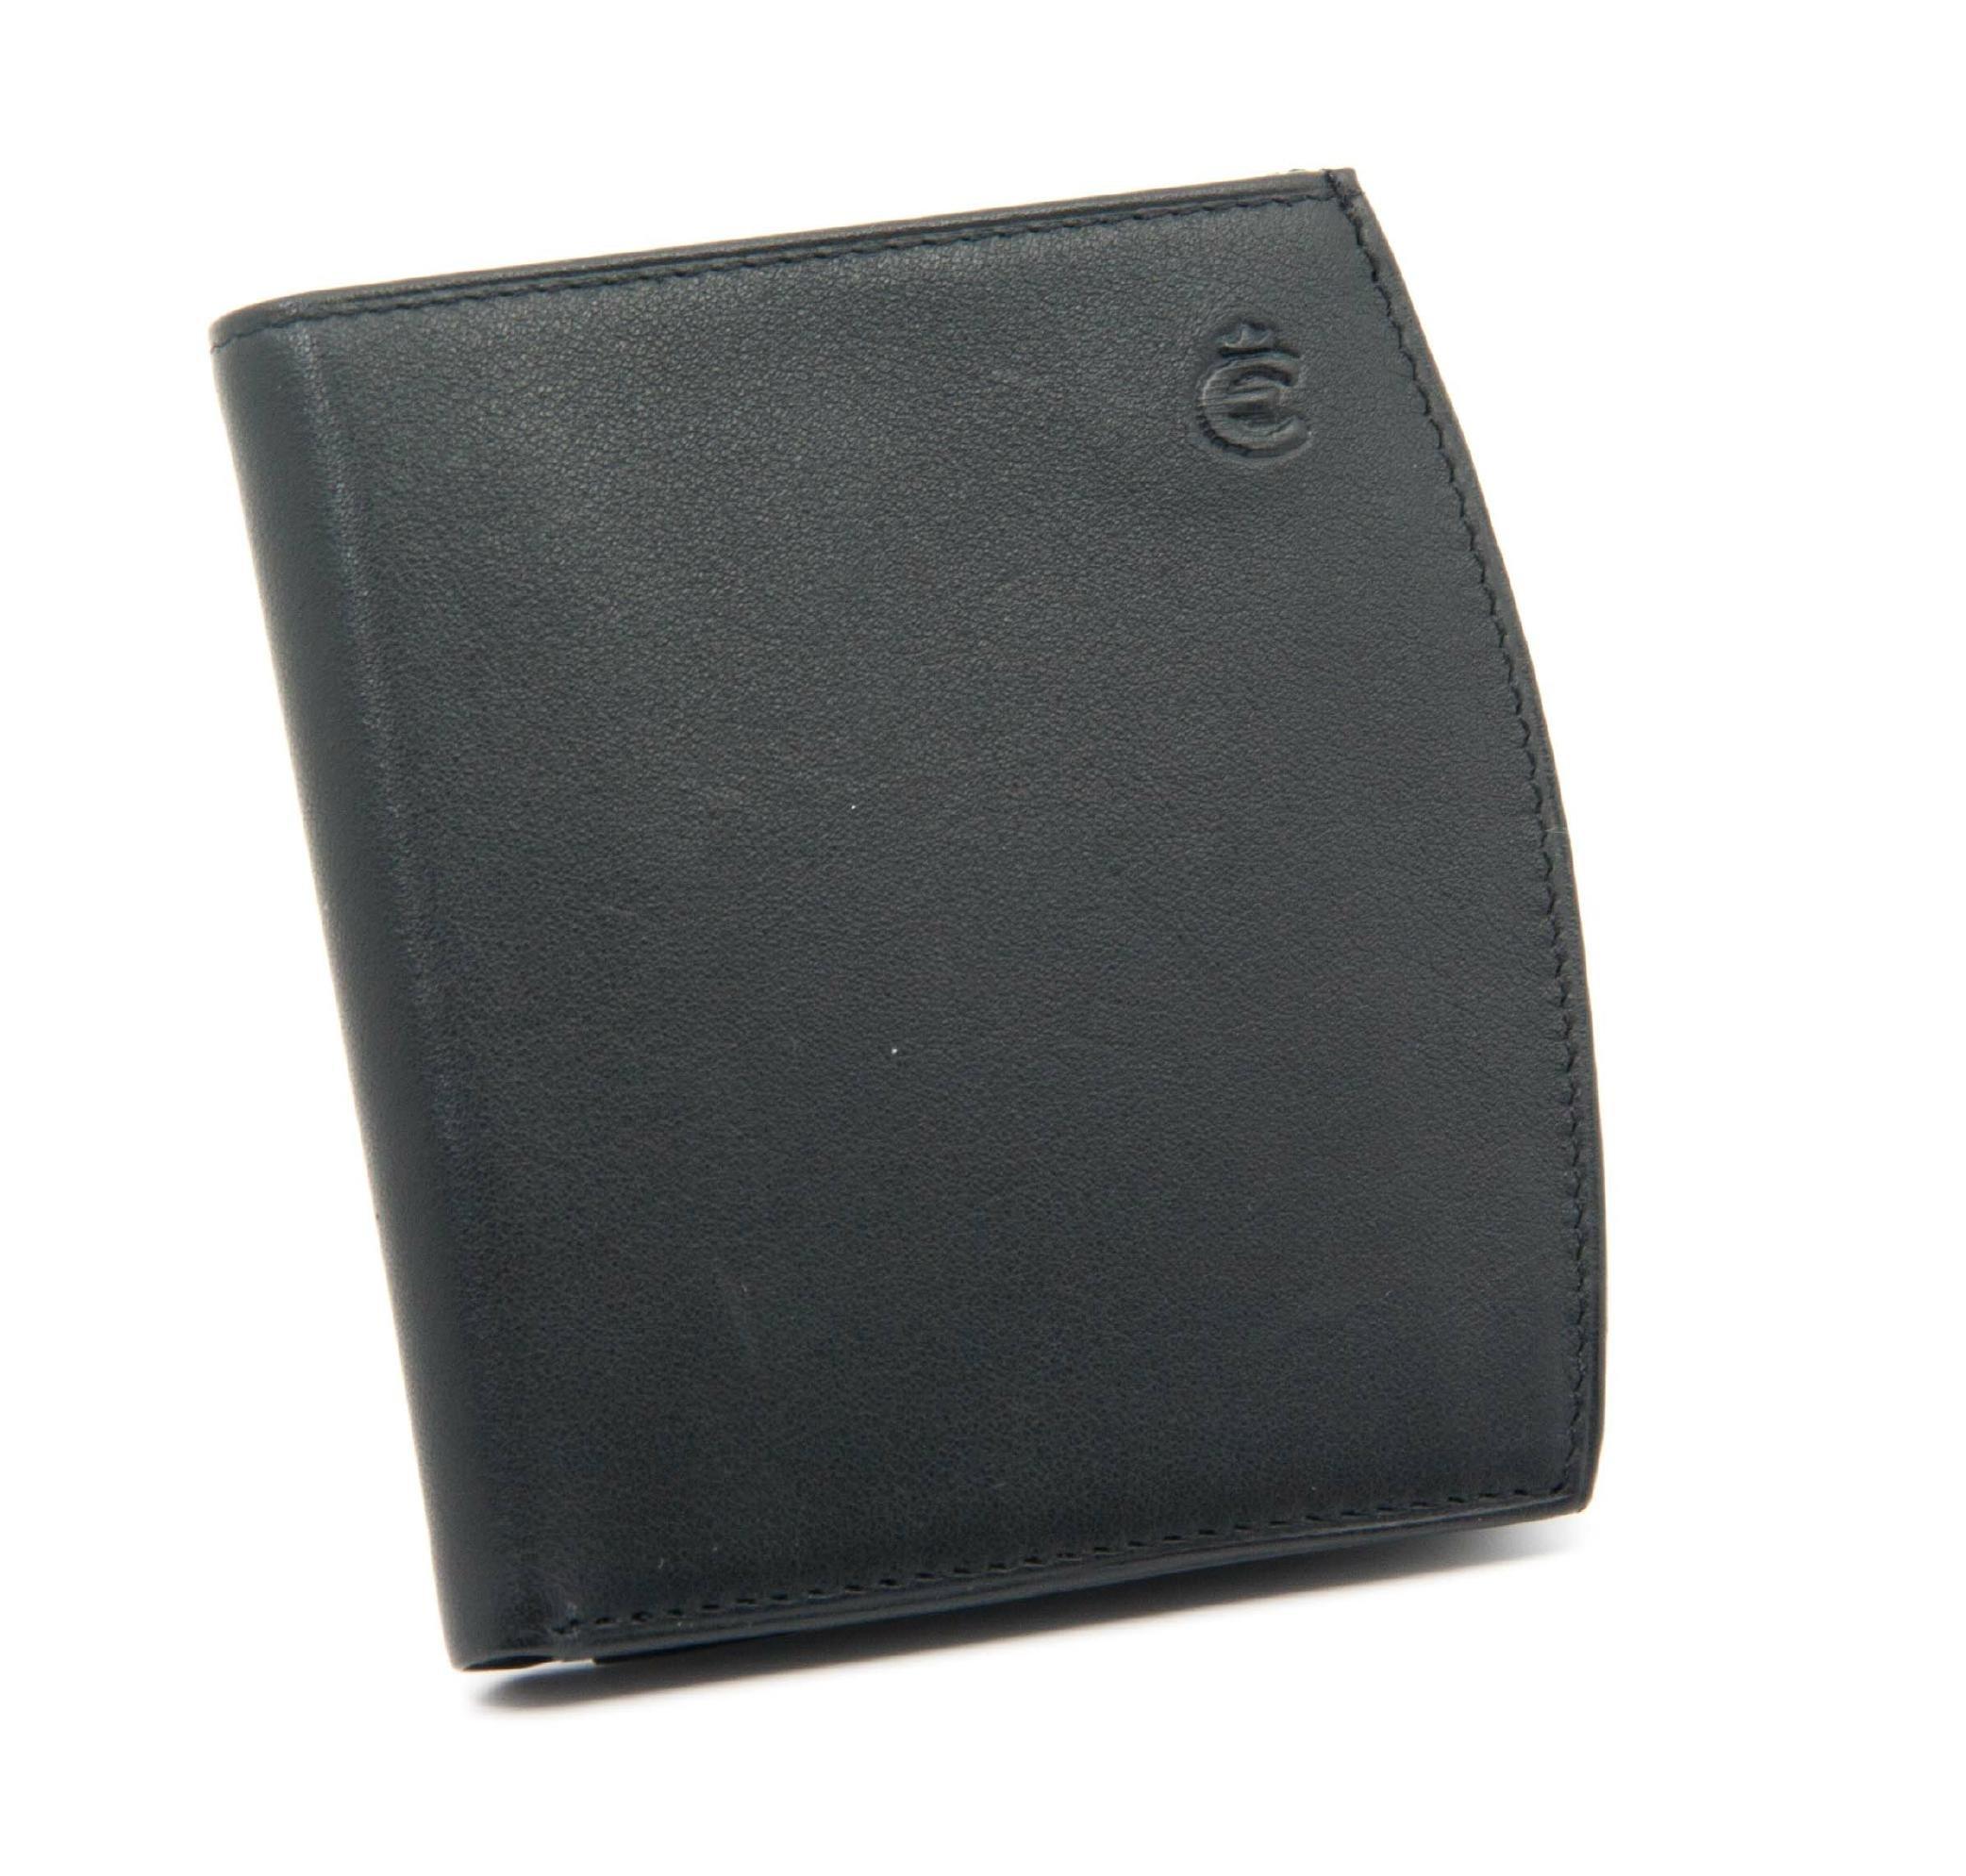 Esquire Handtaschen Taschen 2233-10 schwarz Schwarz RBgu7